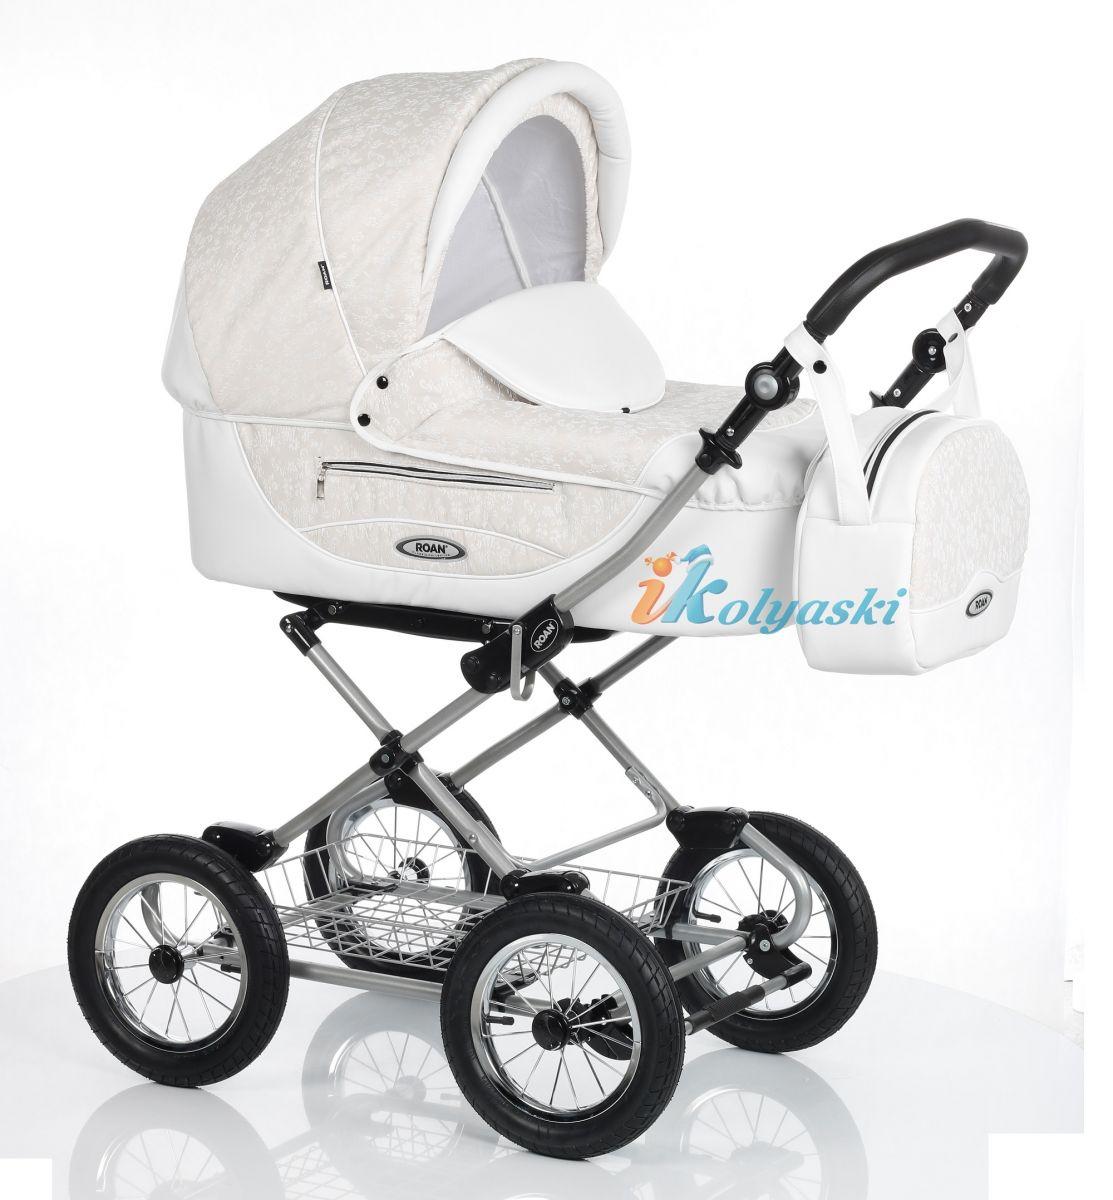 Детская коляска Roan Kortina Luxe Роан Кортина люкс 2018 спальная люлька 3 в 1 , коляска для новорожденных, коляска зима-лето.  roan kortina, roan cortina, Детская коляска Roan Kortina Luxe, коляска Роан Кортина люкс 2018, коляска спальная, коляска  люлька, коляска 3 в 1, коляска для новорожденных, роан кортина, коляска роан кортина, коляска roan cortina, цвет S-59